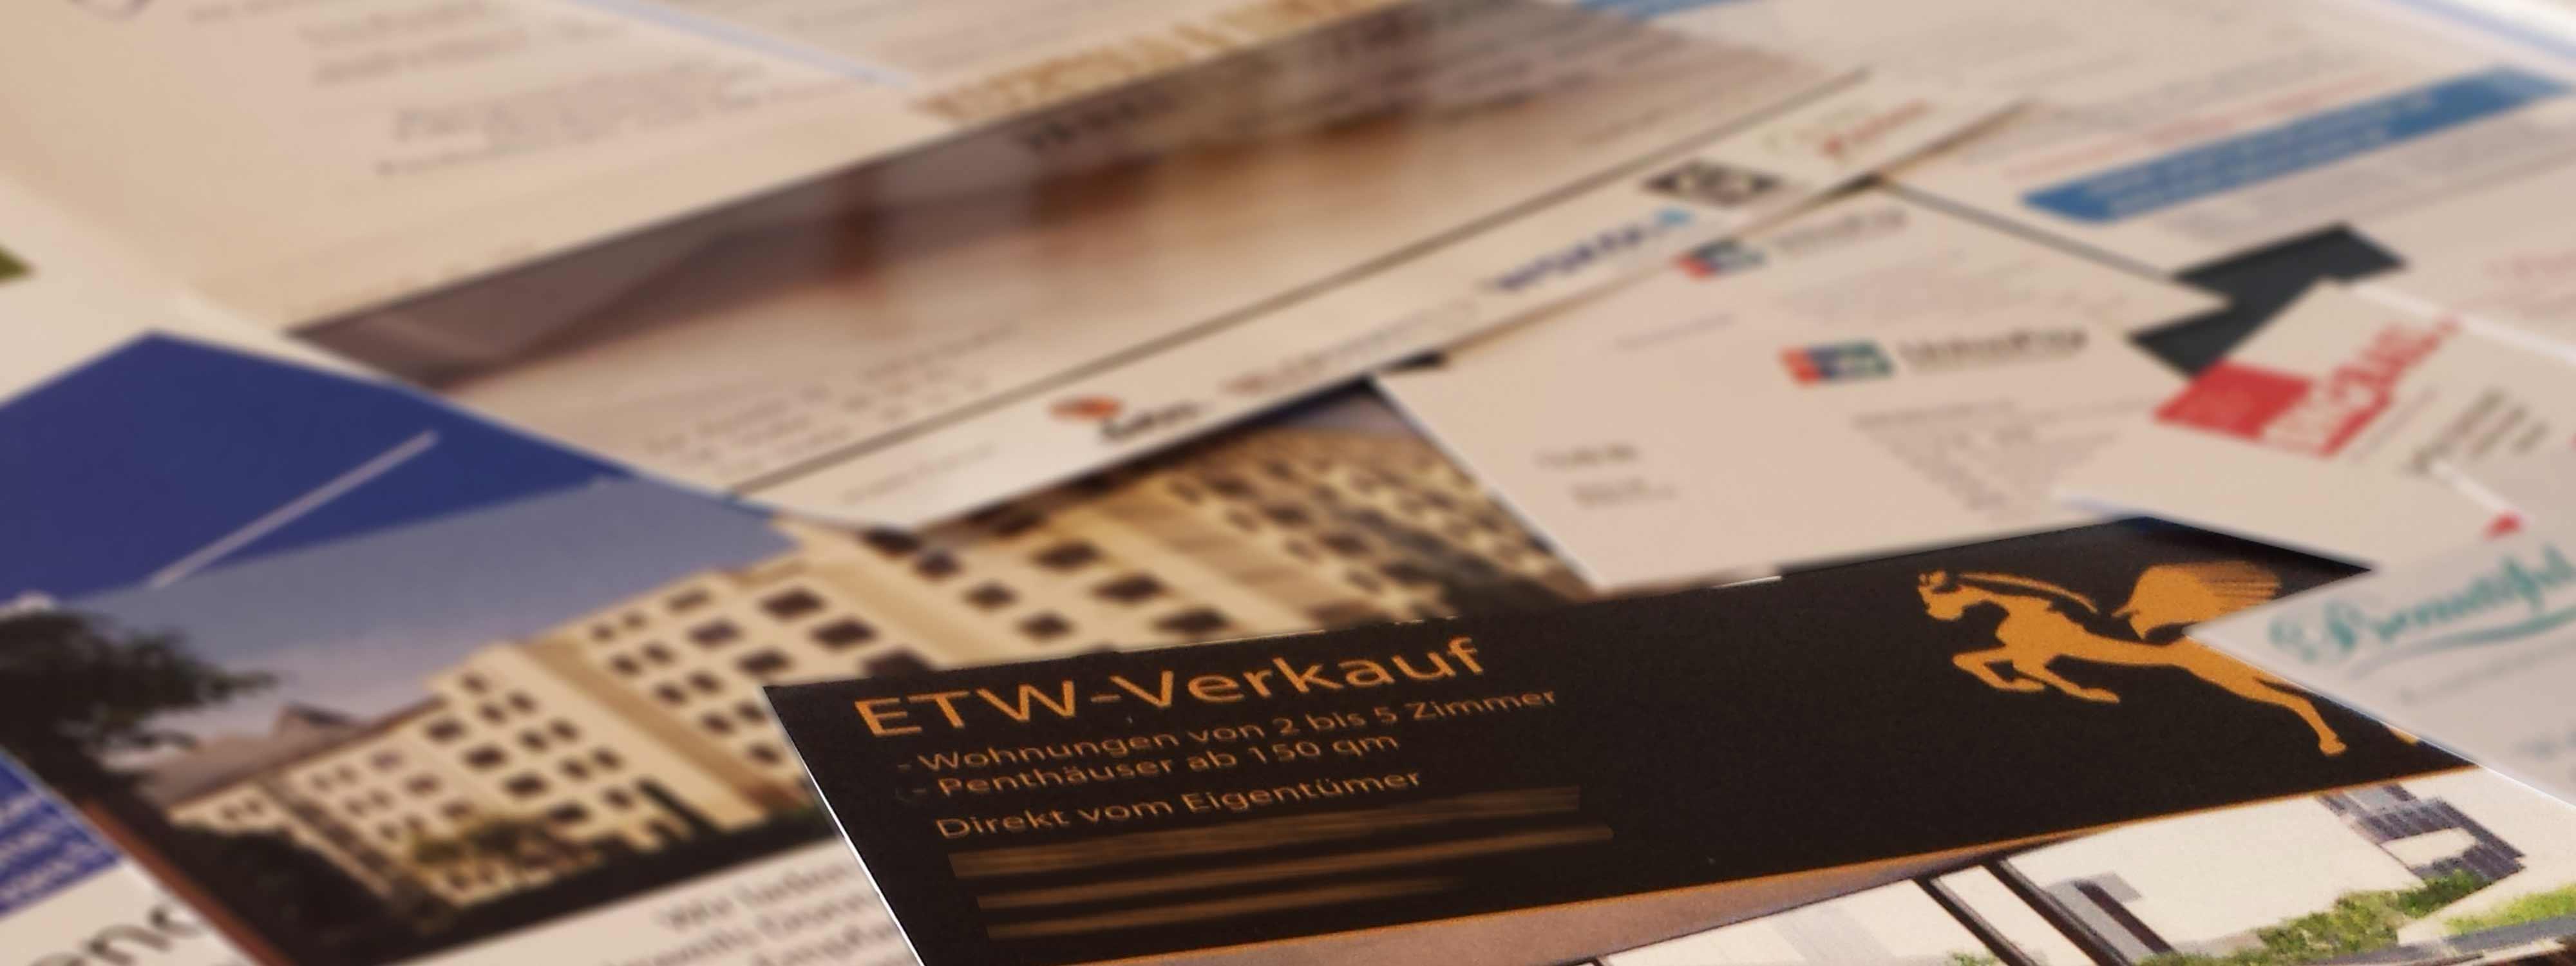 Druckerzeugnisse In Frankfurt Schicke Werbung Ist Ihr